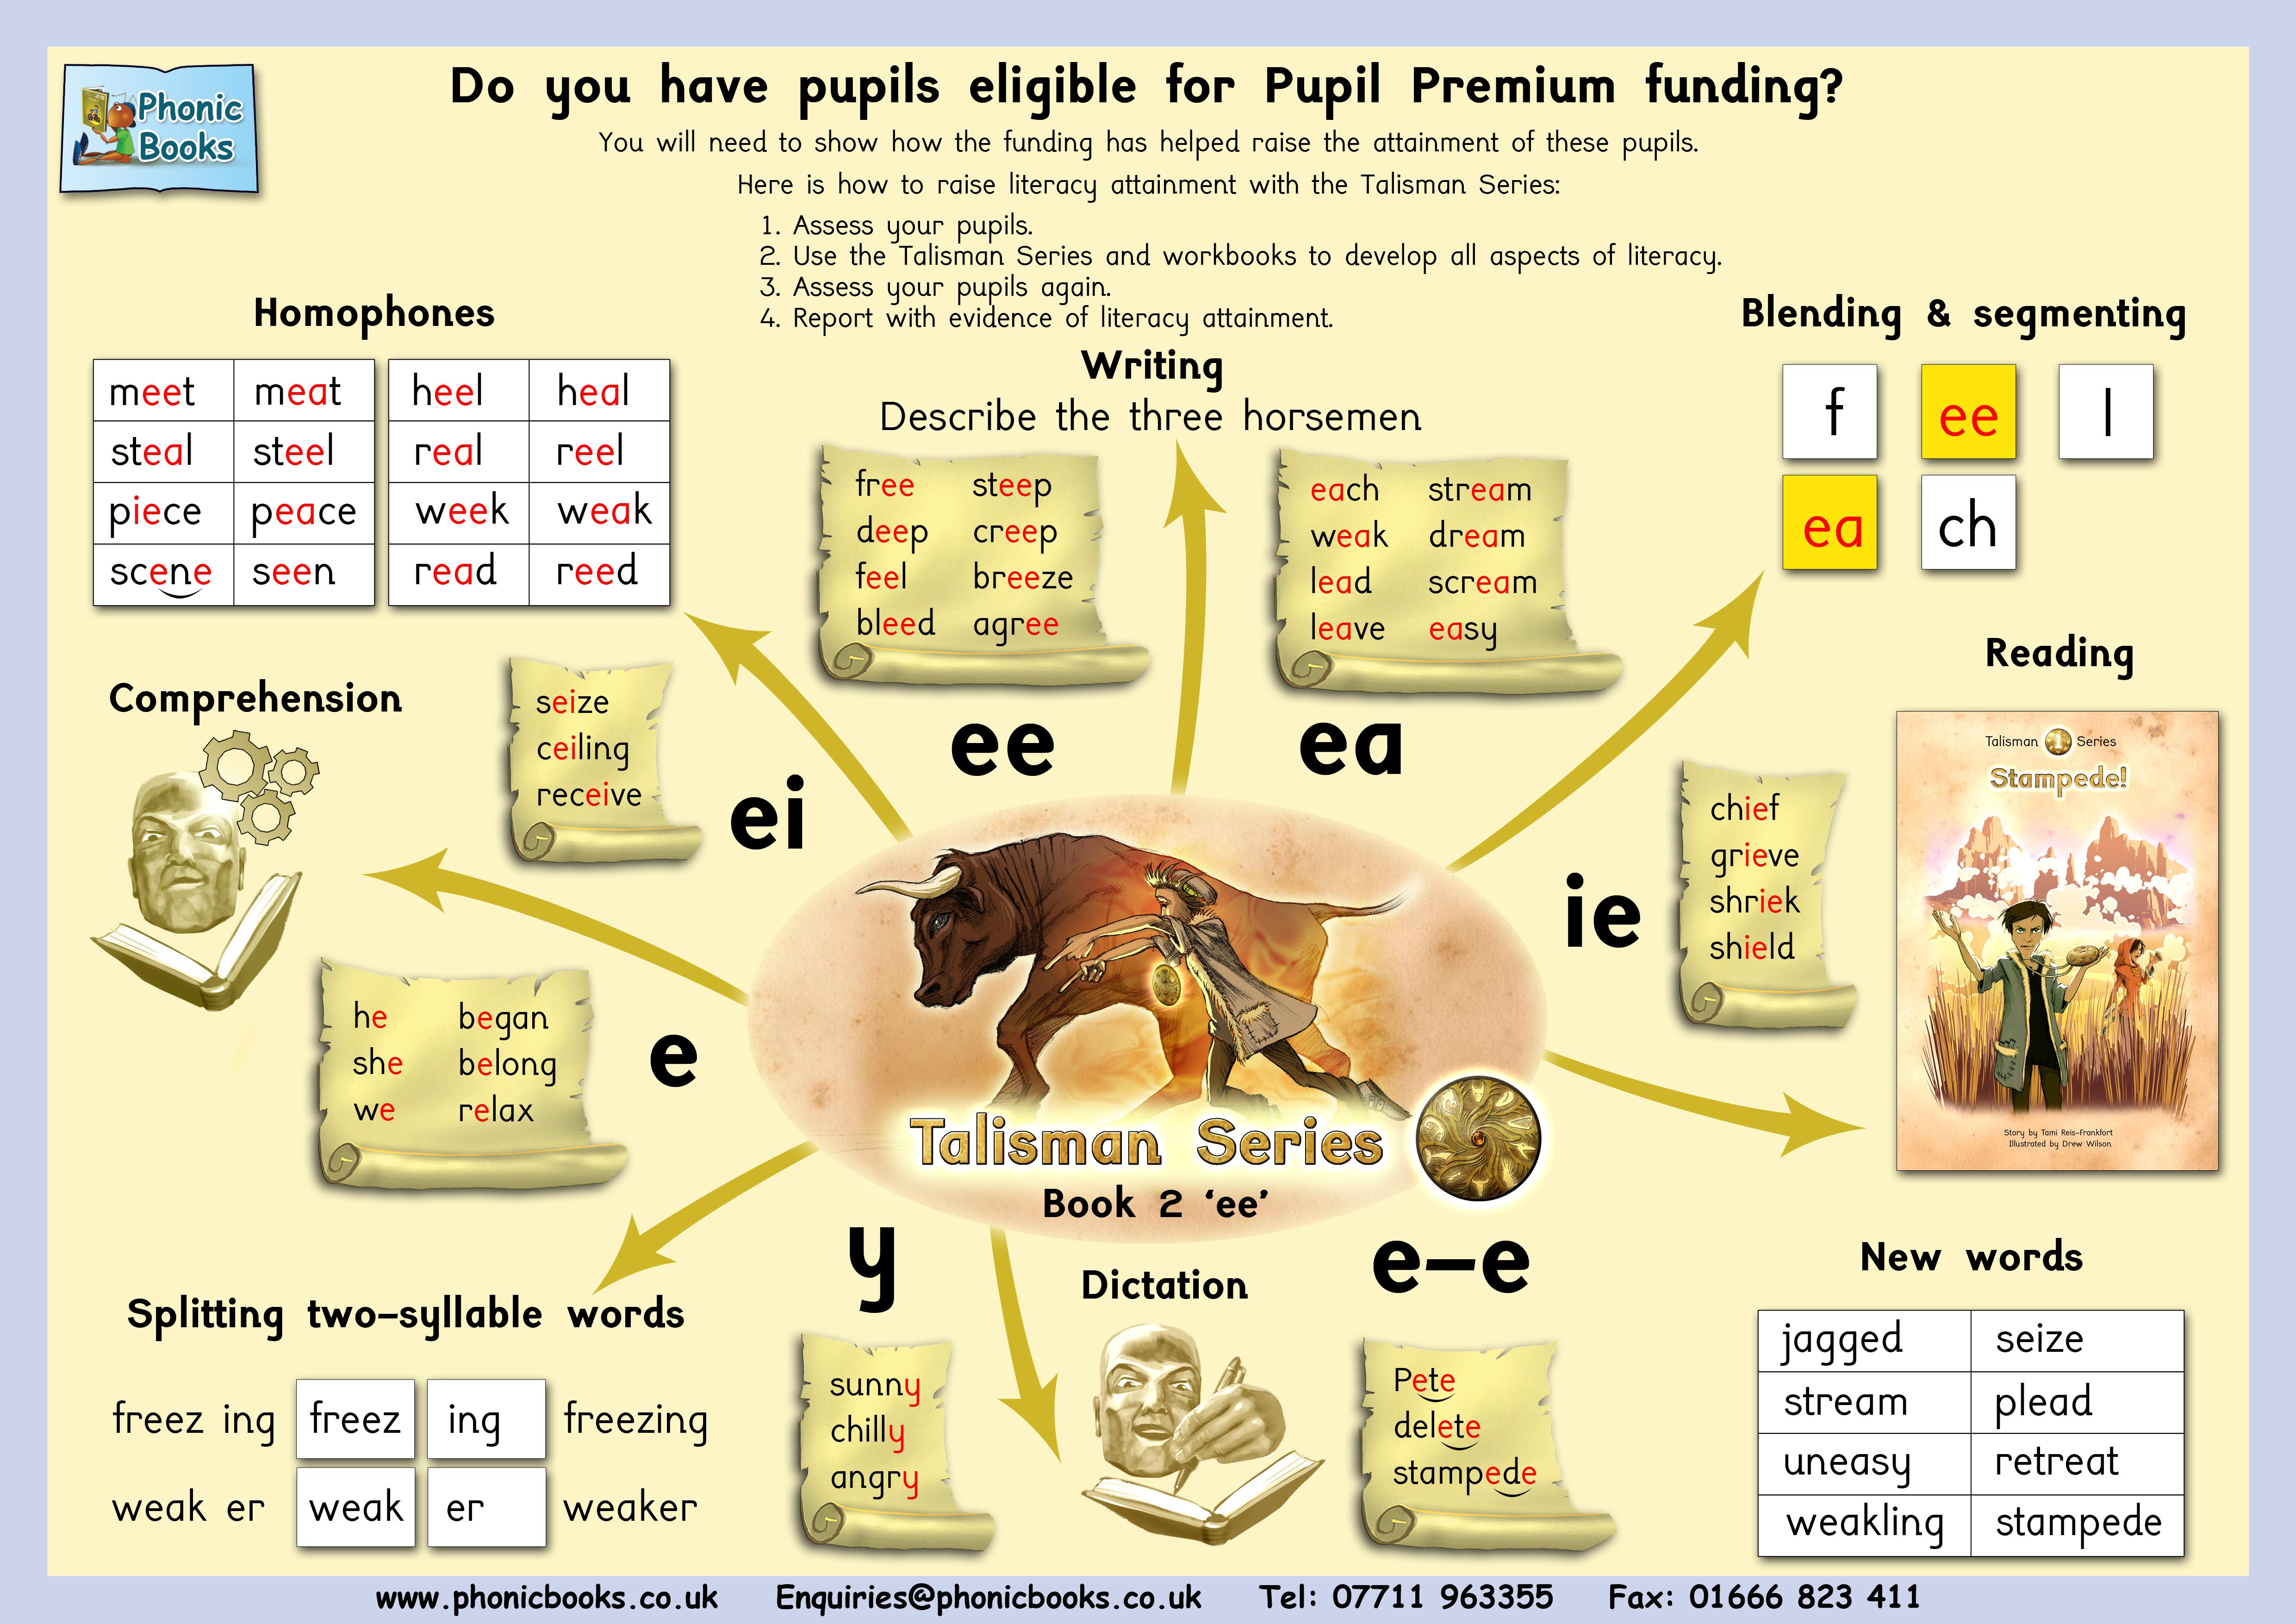 Pupil Premium - Talisman